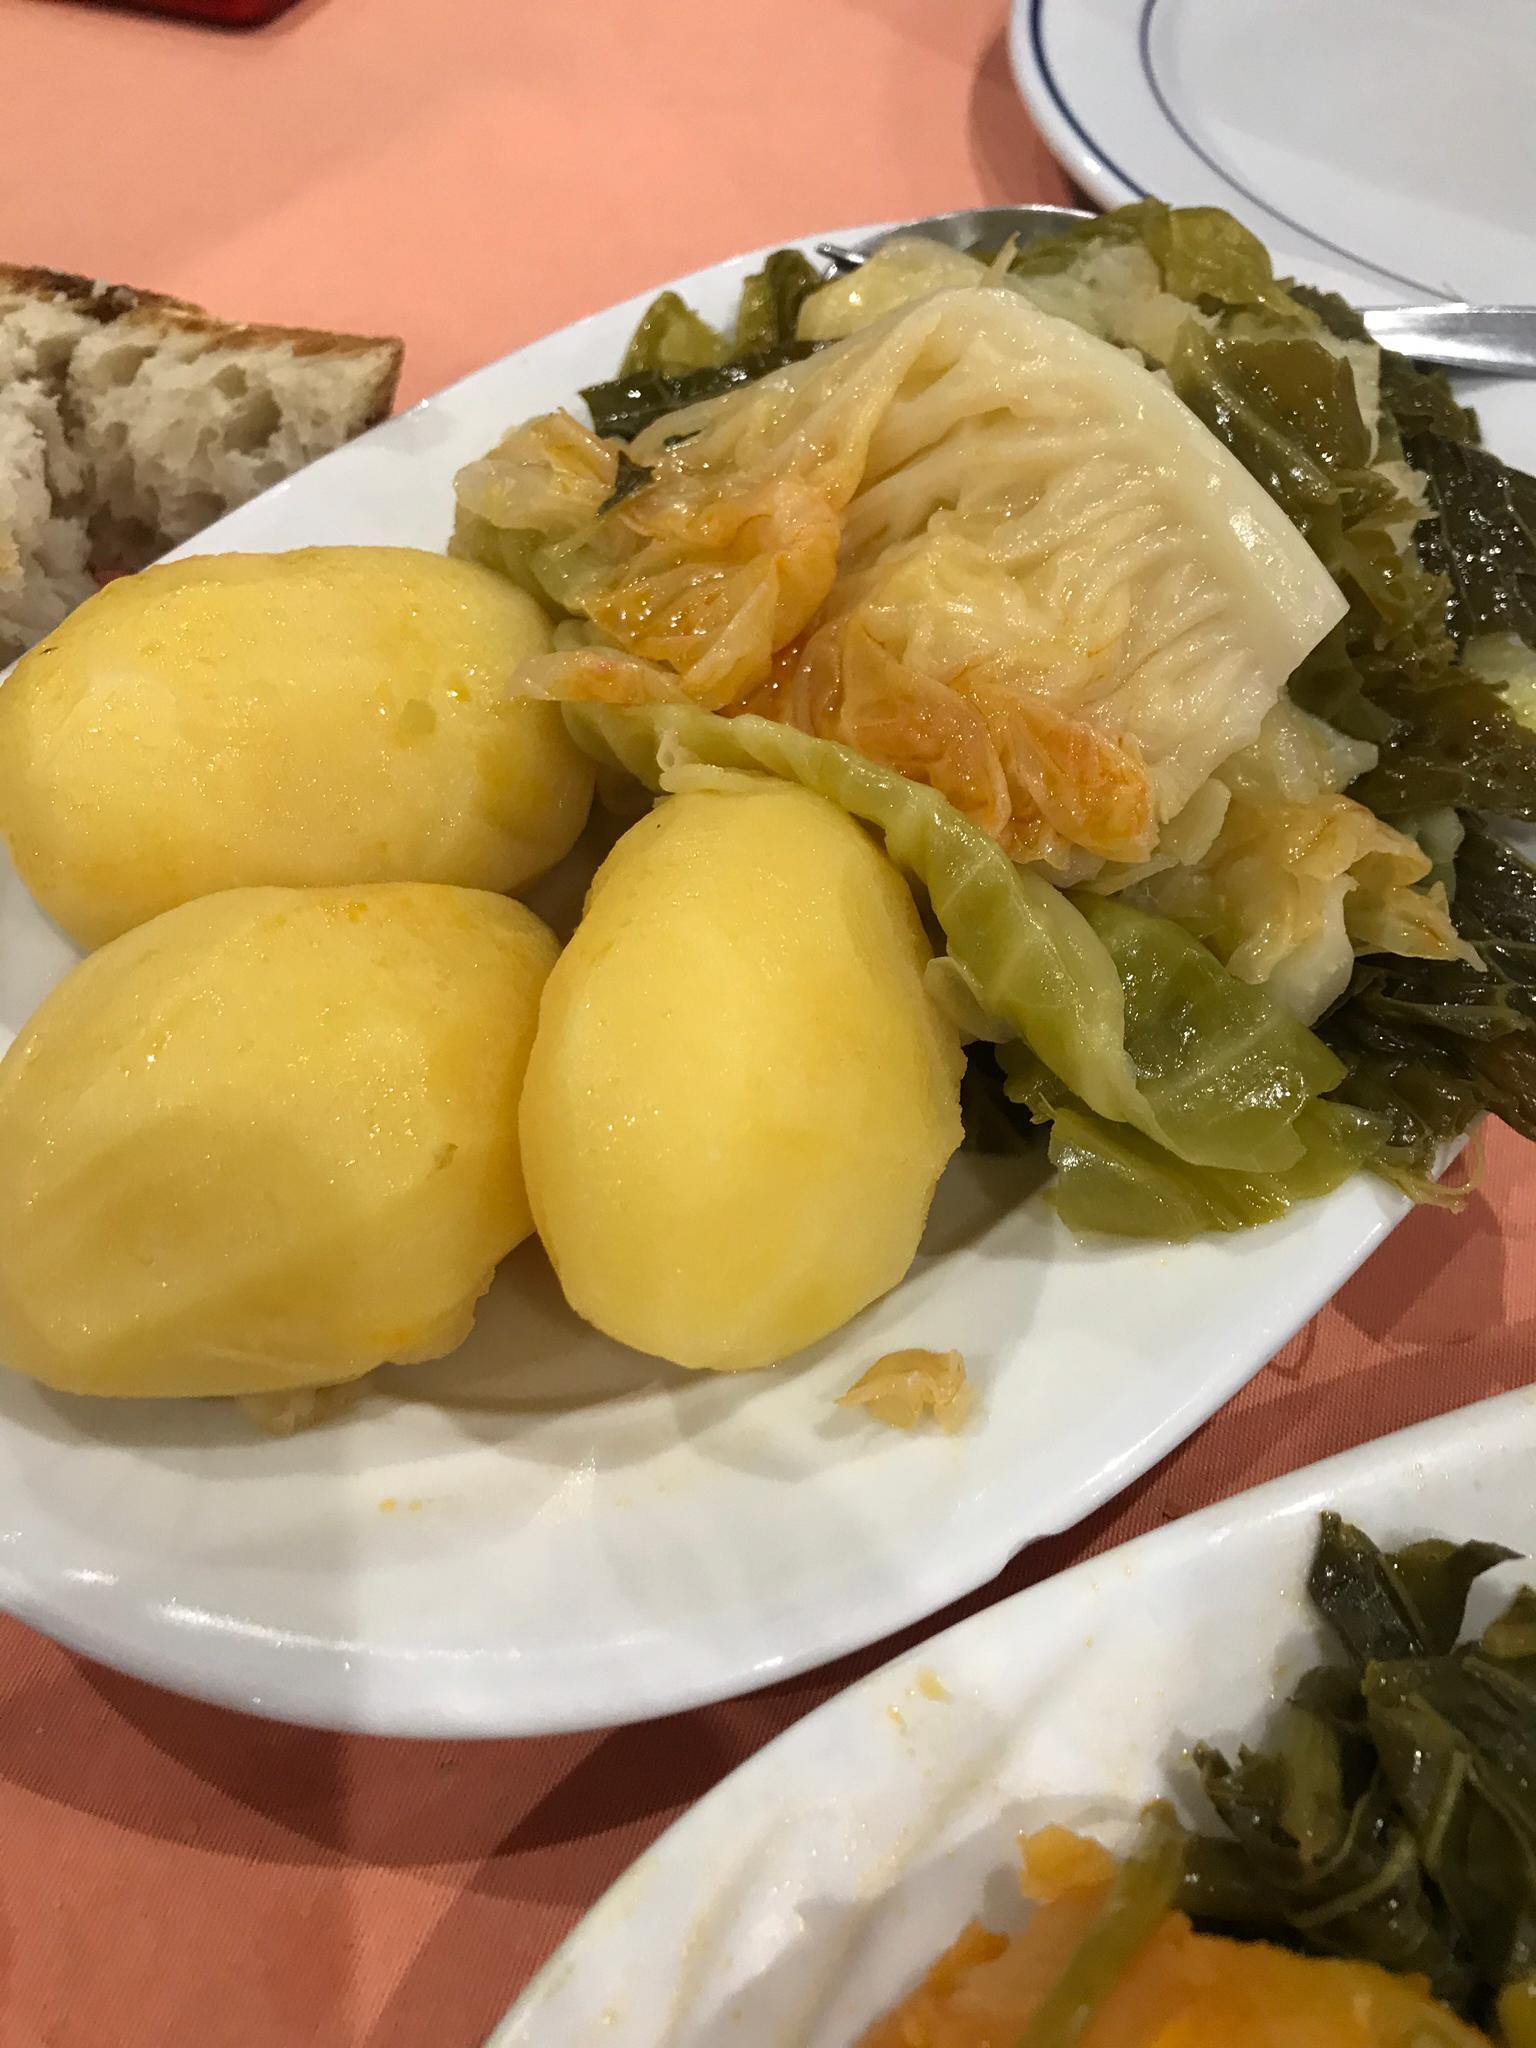 Reseñas gastronómicas: Conocemos el cocido de Lalín 2